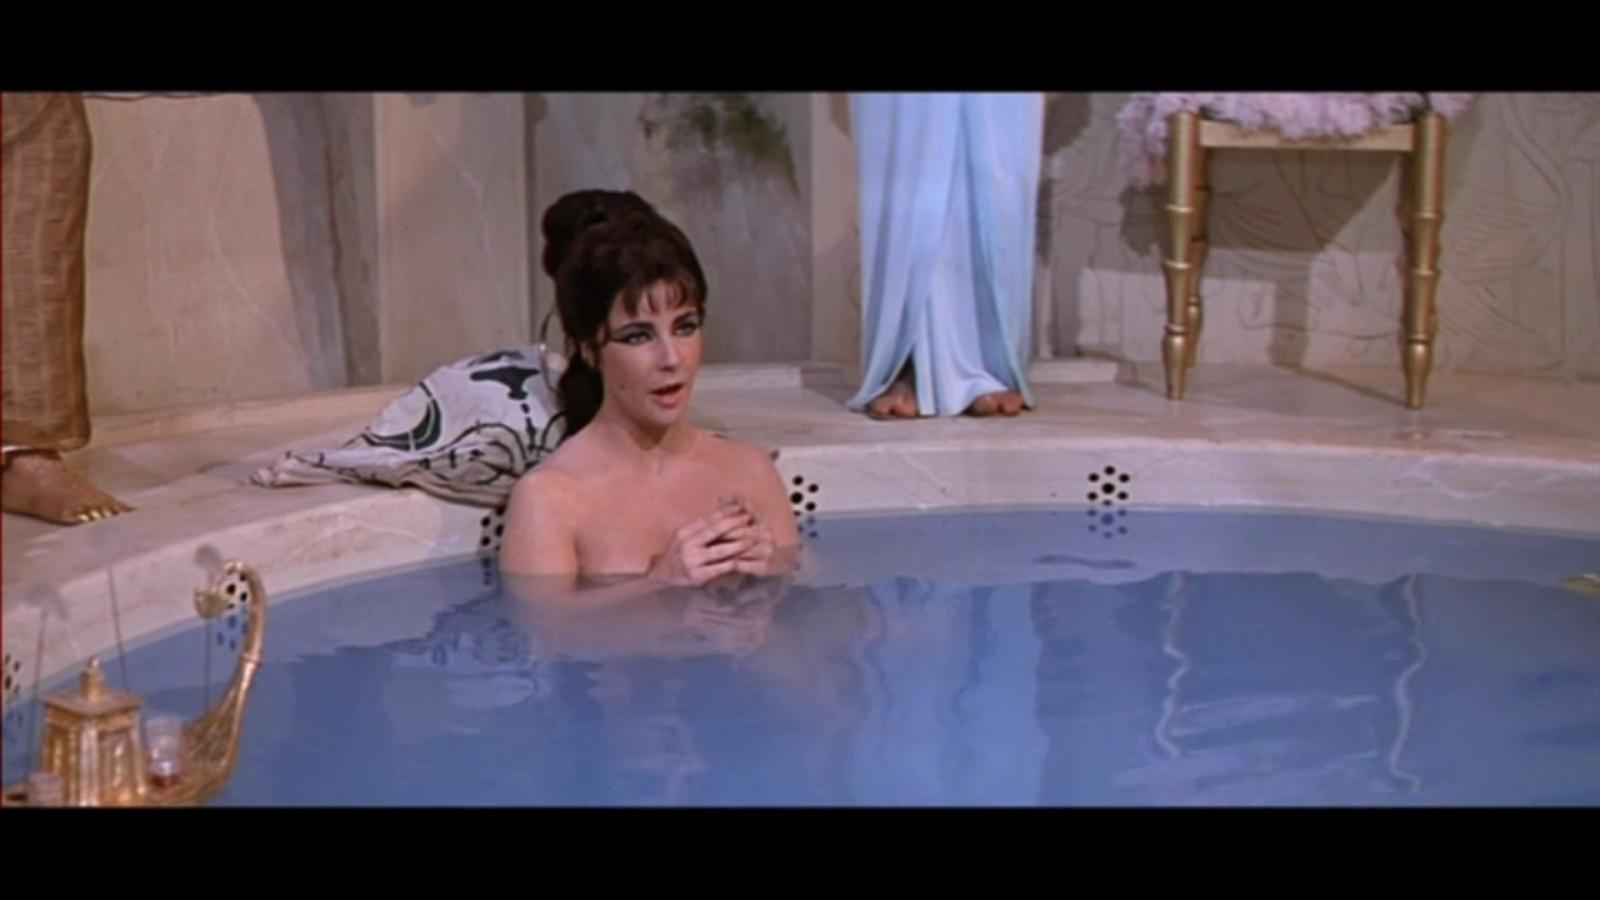 Cleopatra bathing